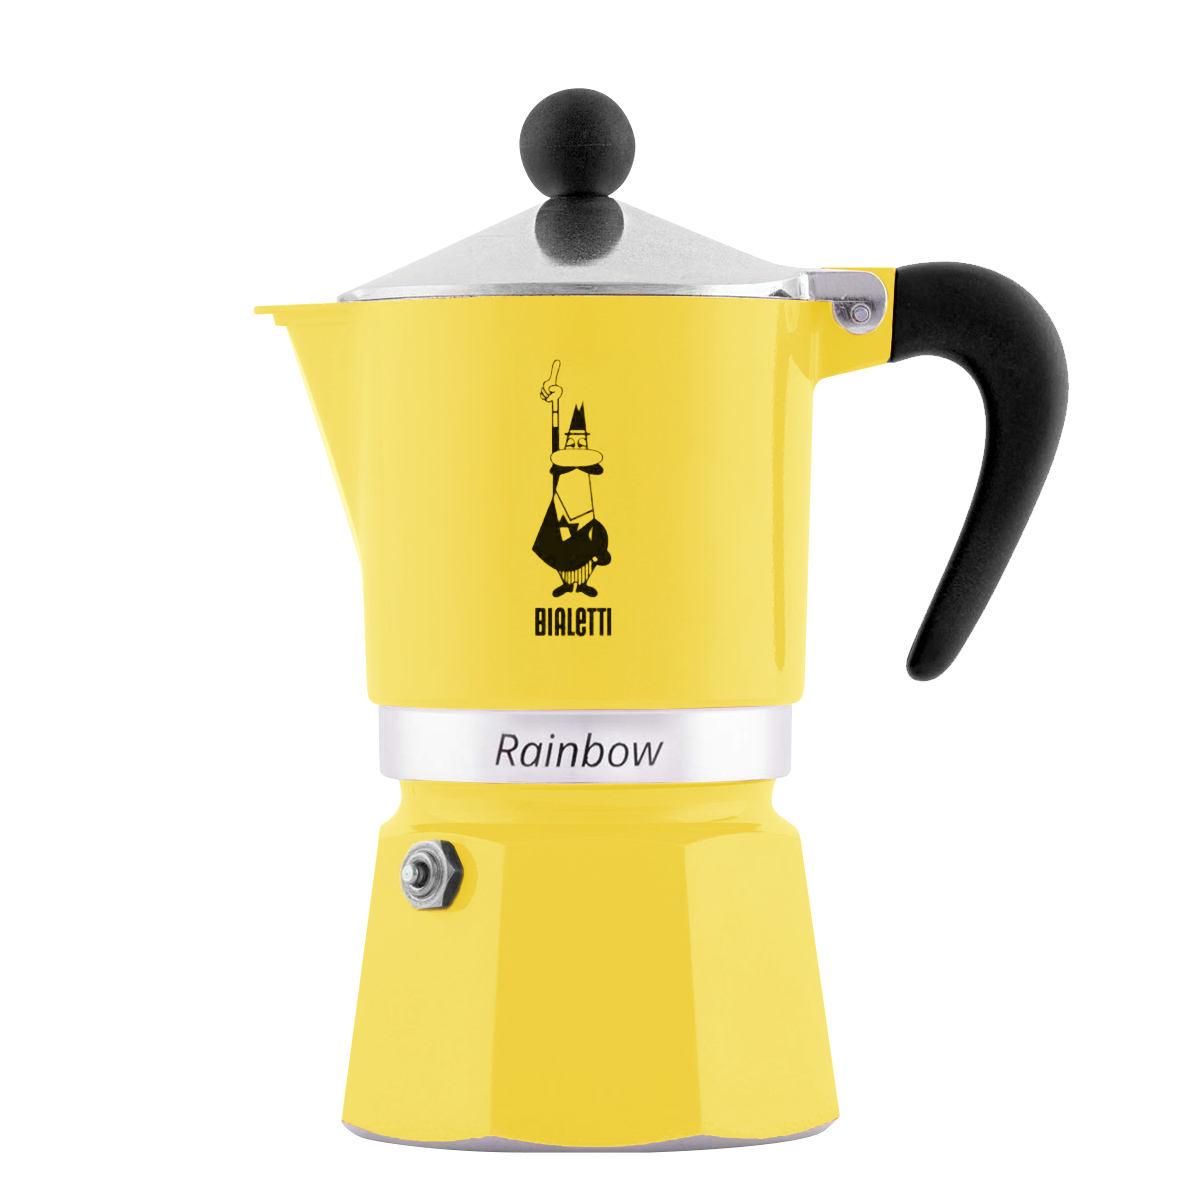 قهوه ساز بیالتی مدل رینبو 3Cups کد 4982